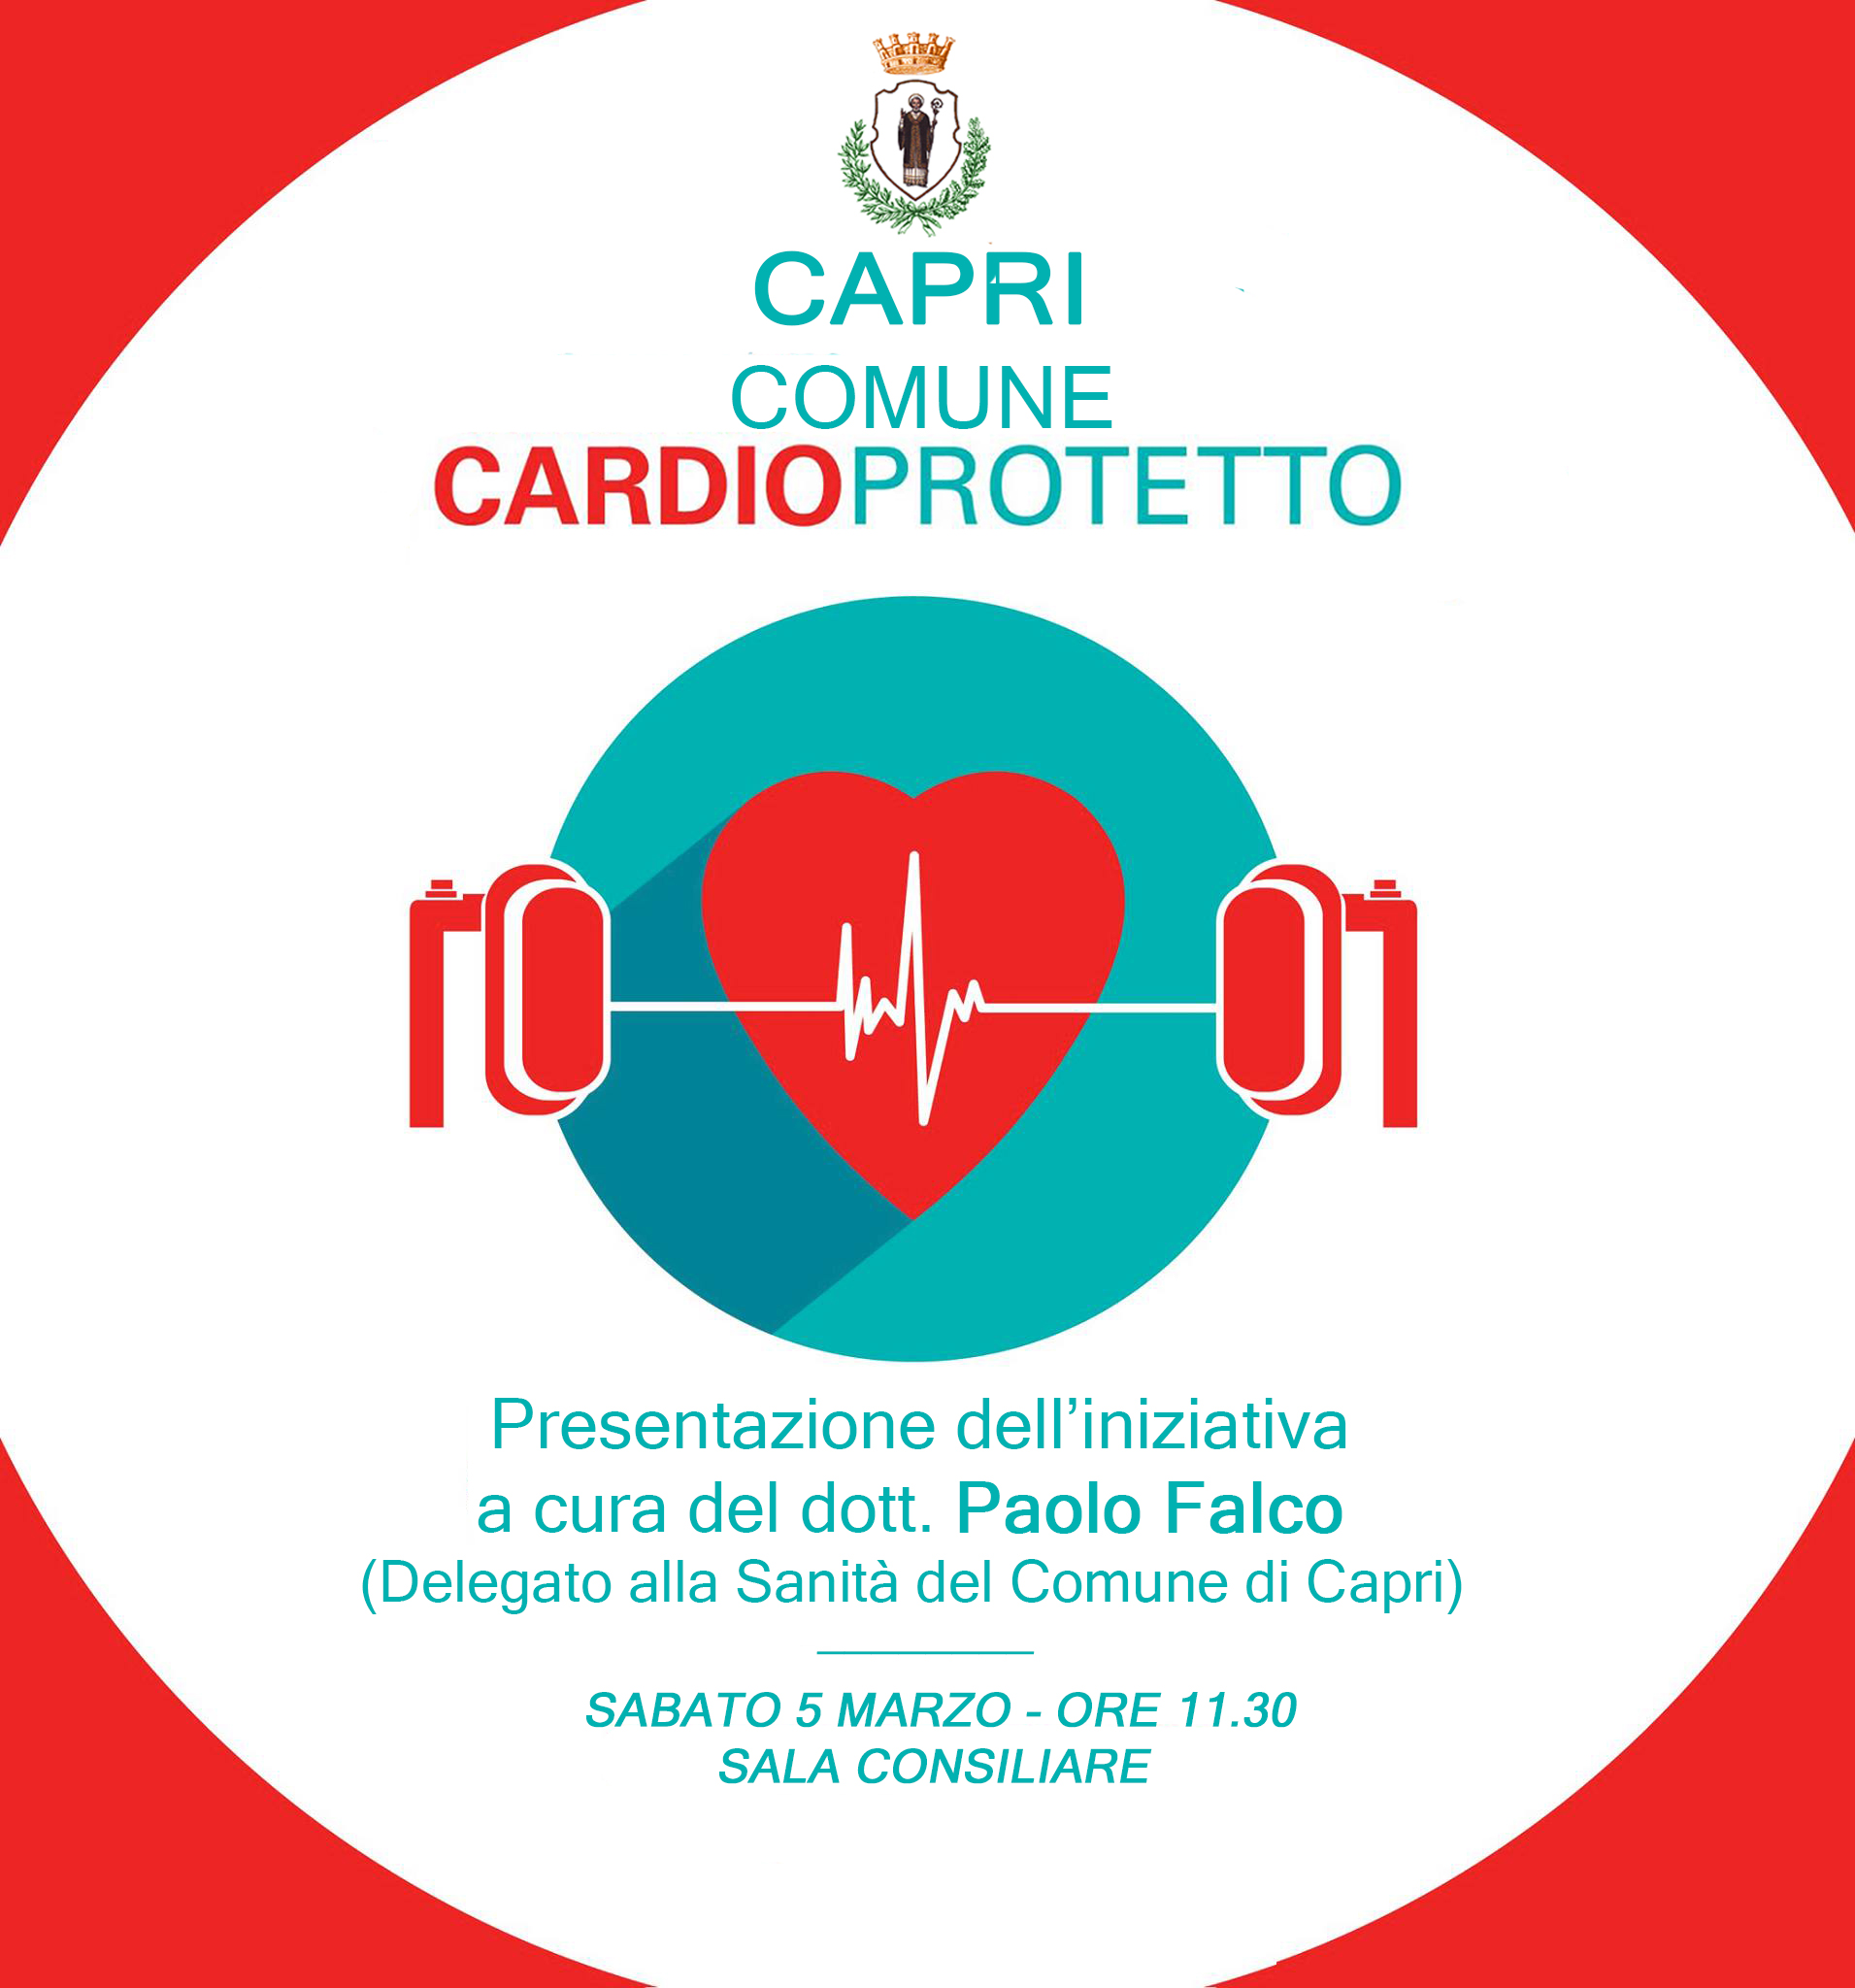 """"""" Capri un Comune Cardioprotetto """" Iniziativa a cura del delegato alla Sanità Dott. Paolo Falco"""